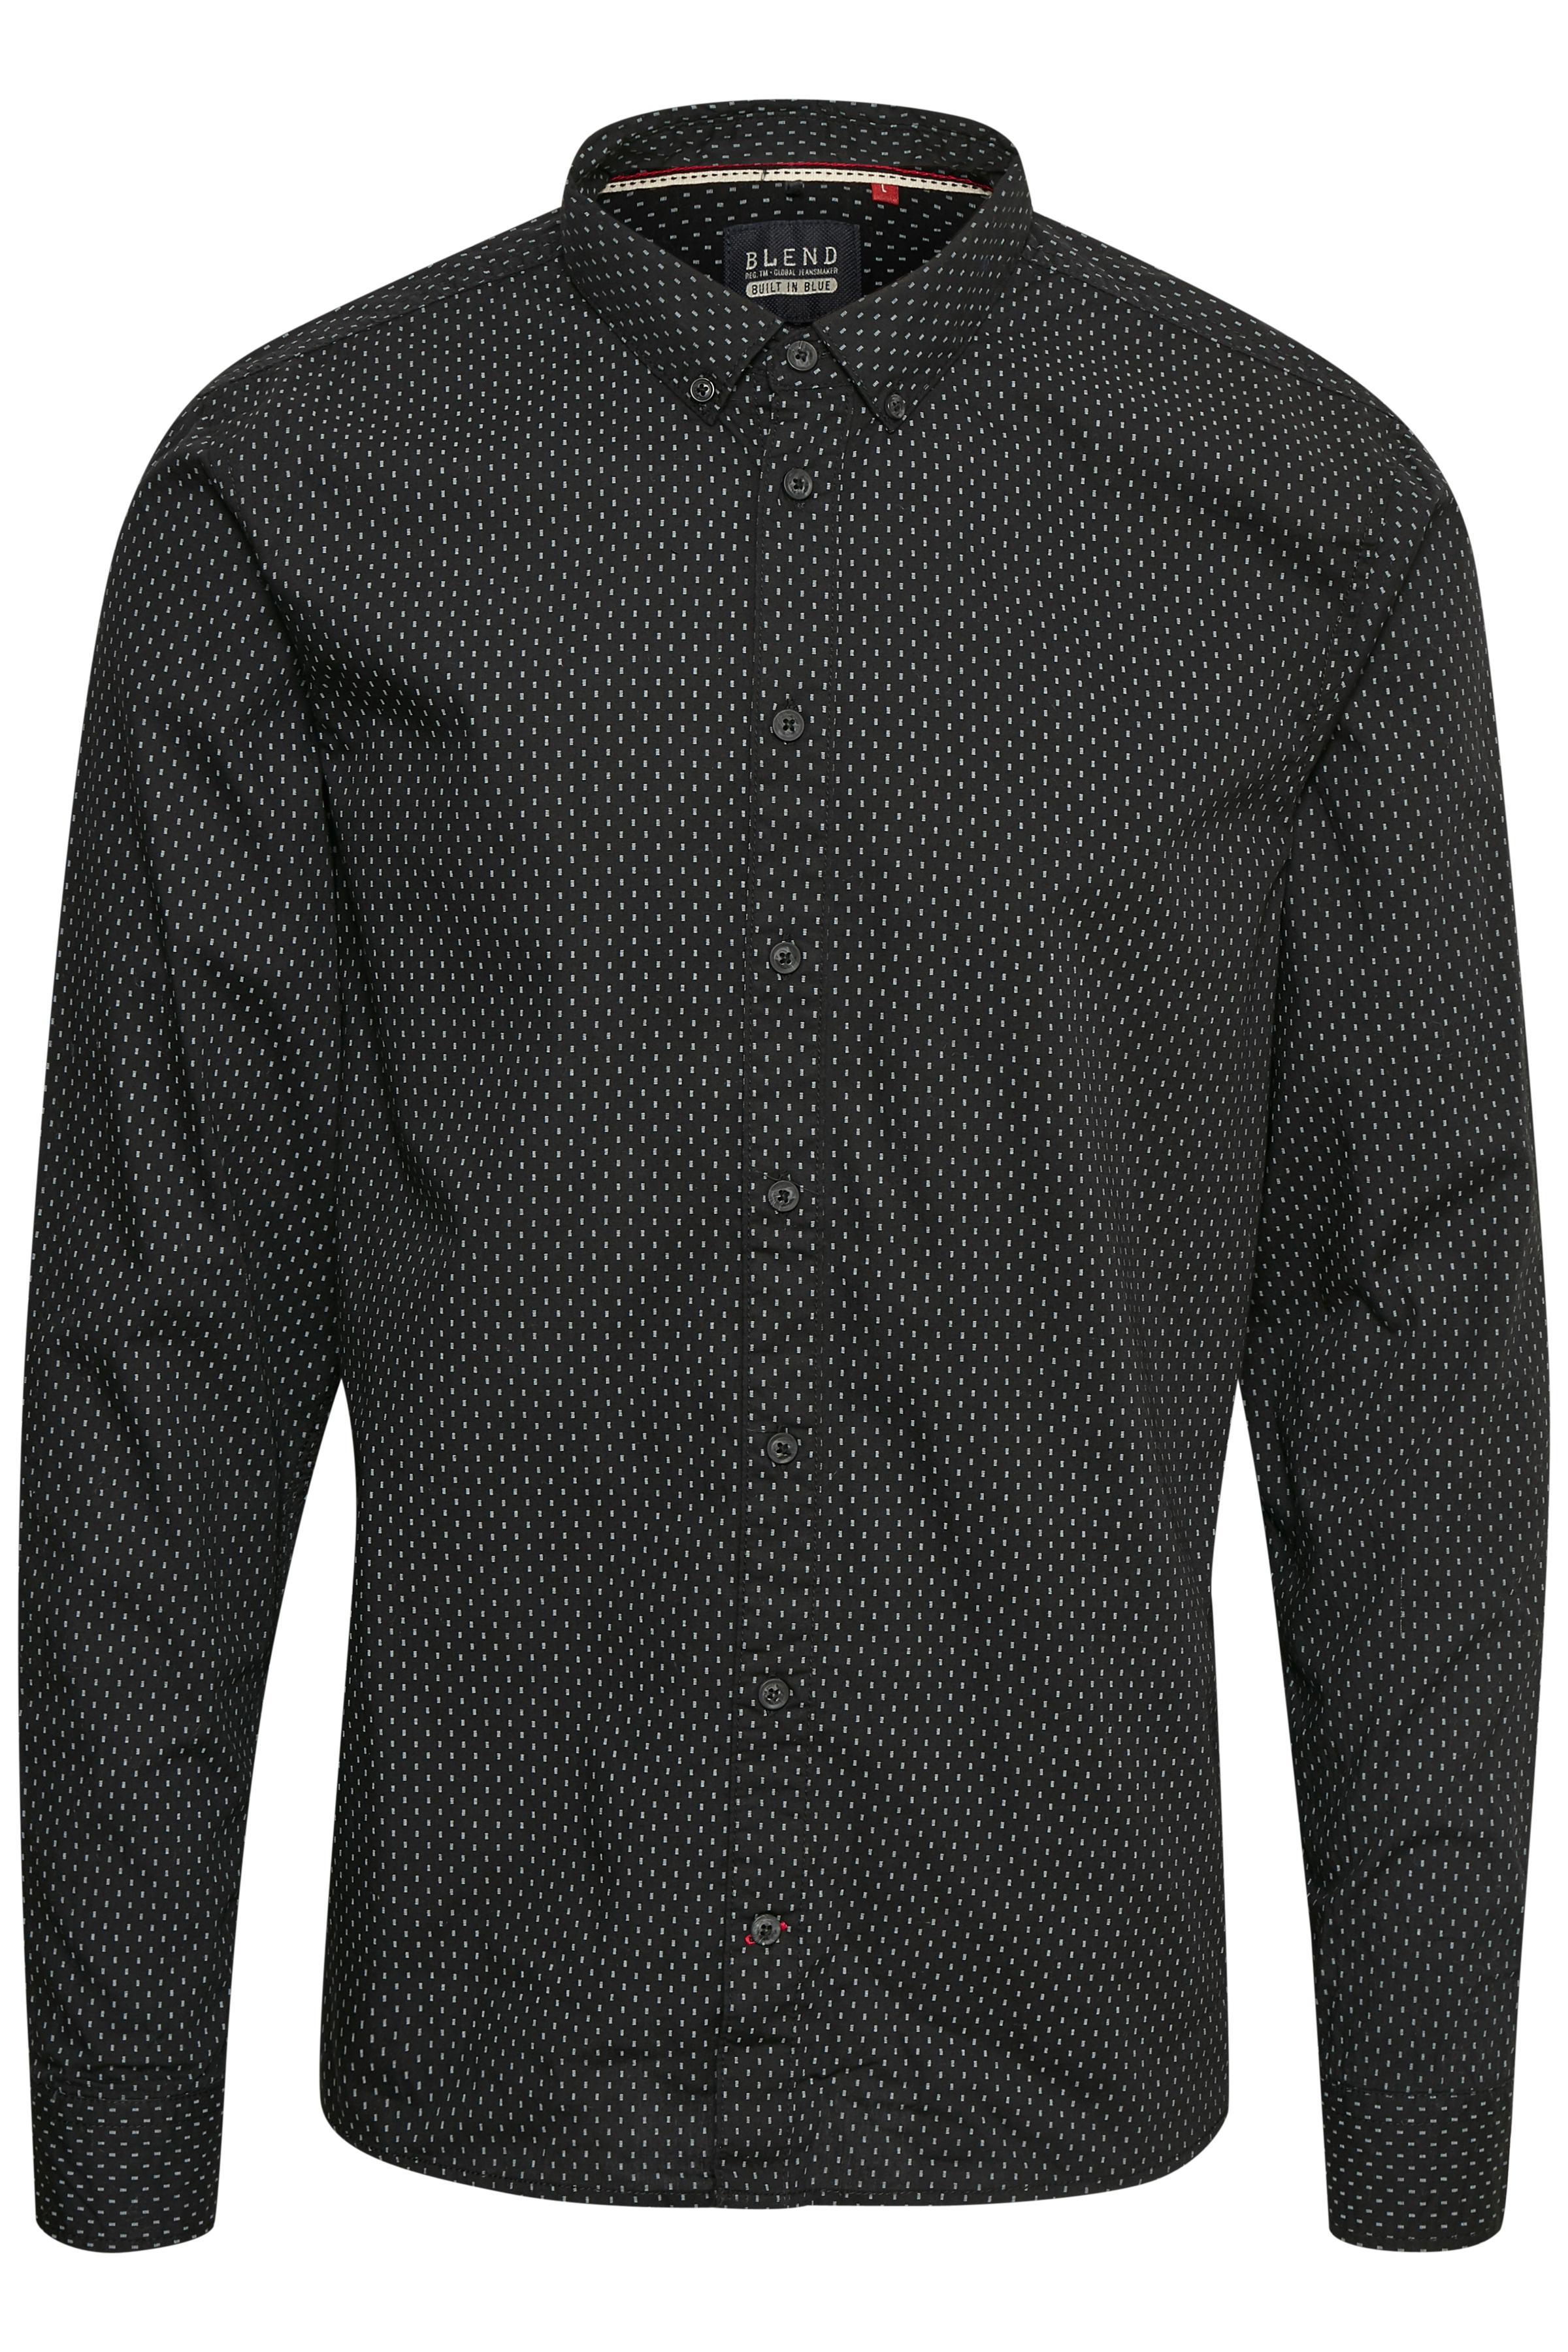 Black Langærmet skjorte – Køb Black Langærmet skjorte fra str. S-3XL her